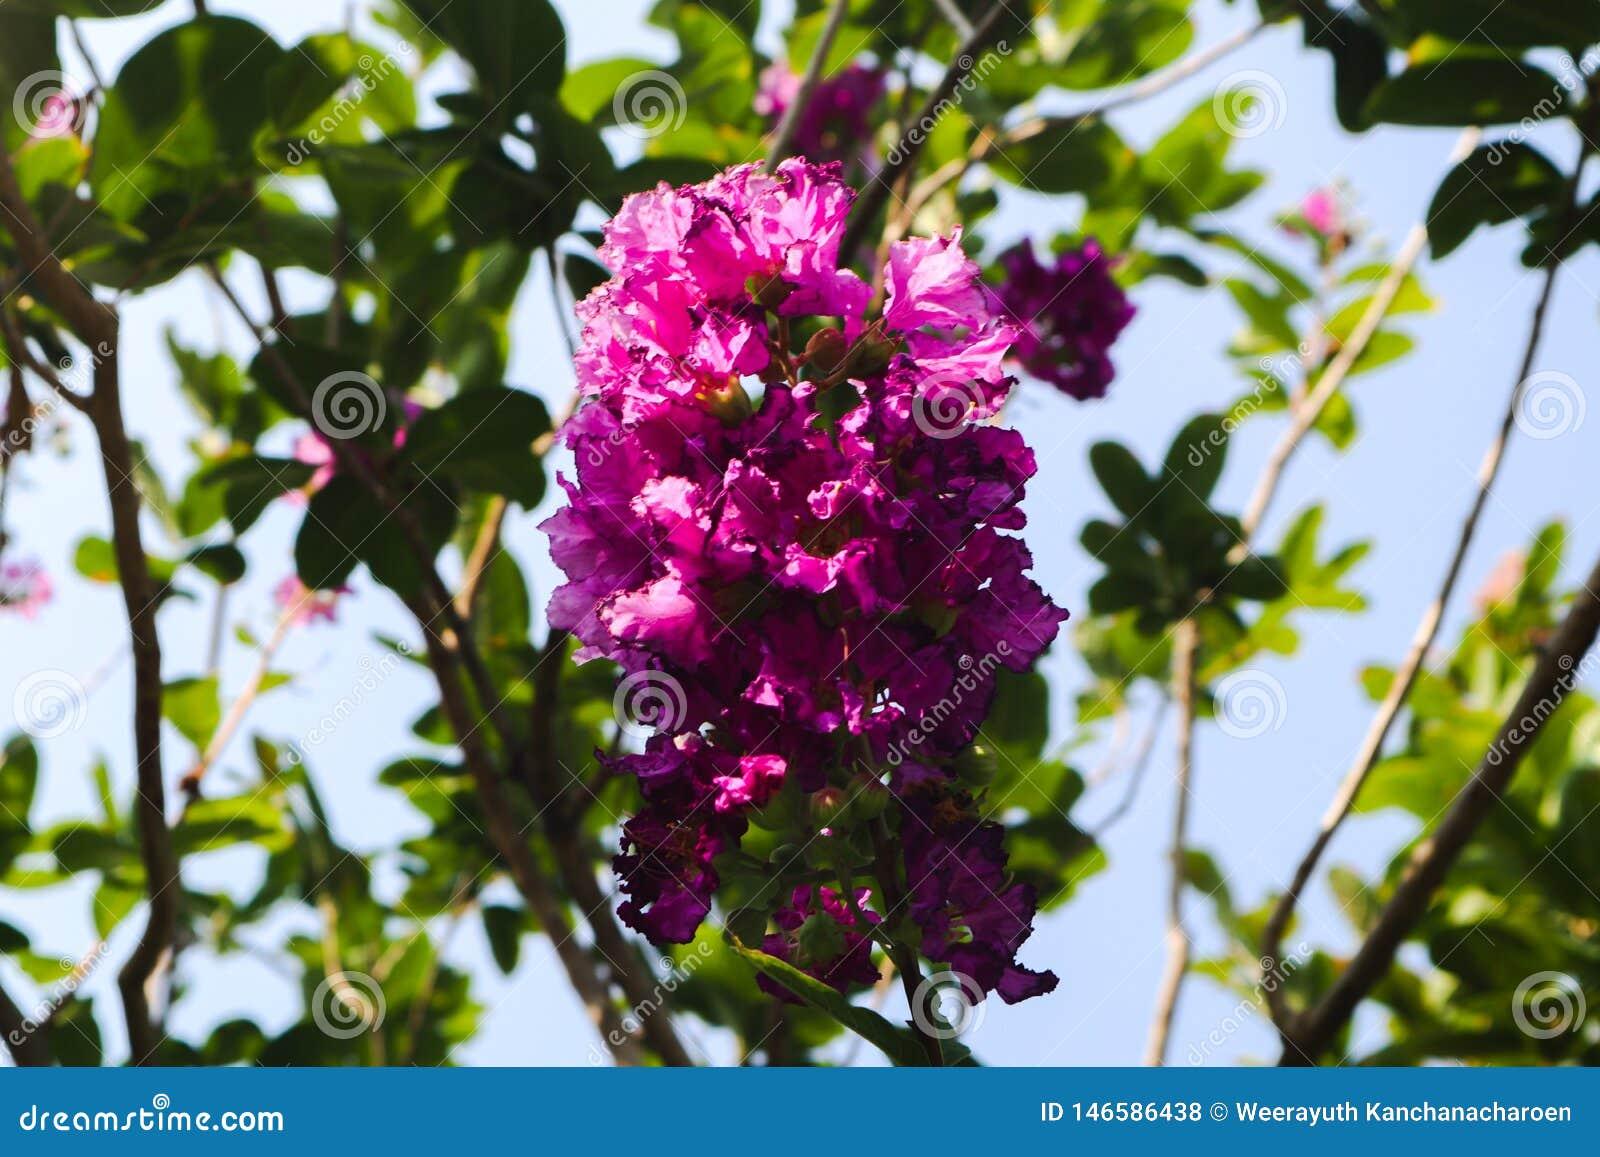 Красивые зеленые дерево, заводы, камень леса и цветки в открытых садах и общественных парках